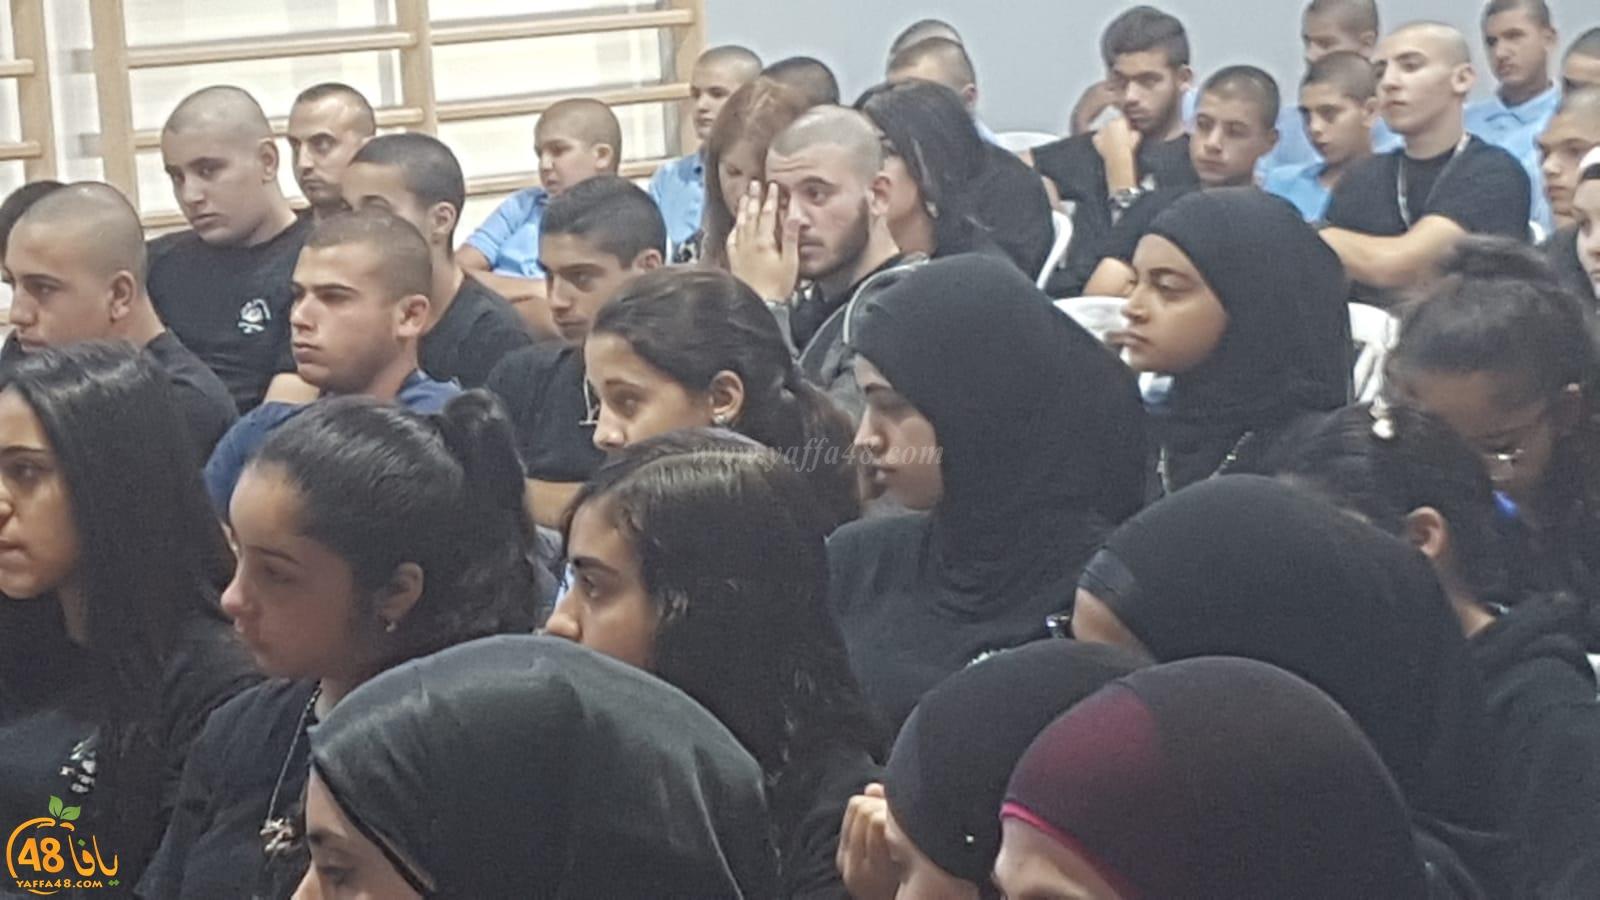 مدرسة يافا الشاملة تحيي ذكرى النكبة تحت شعار لن ننسى .. نحن باقون